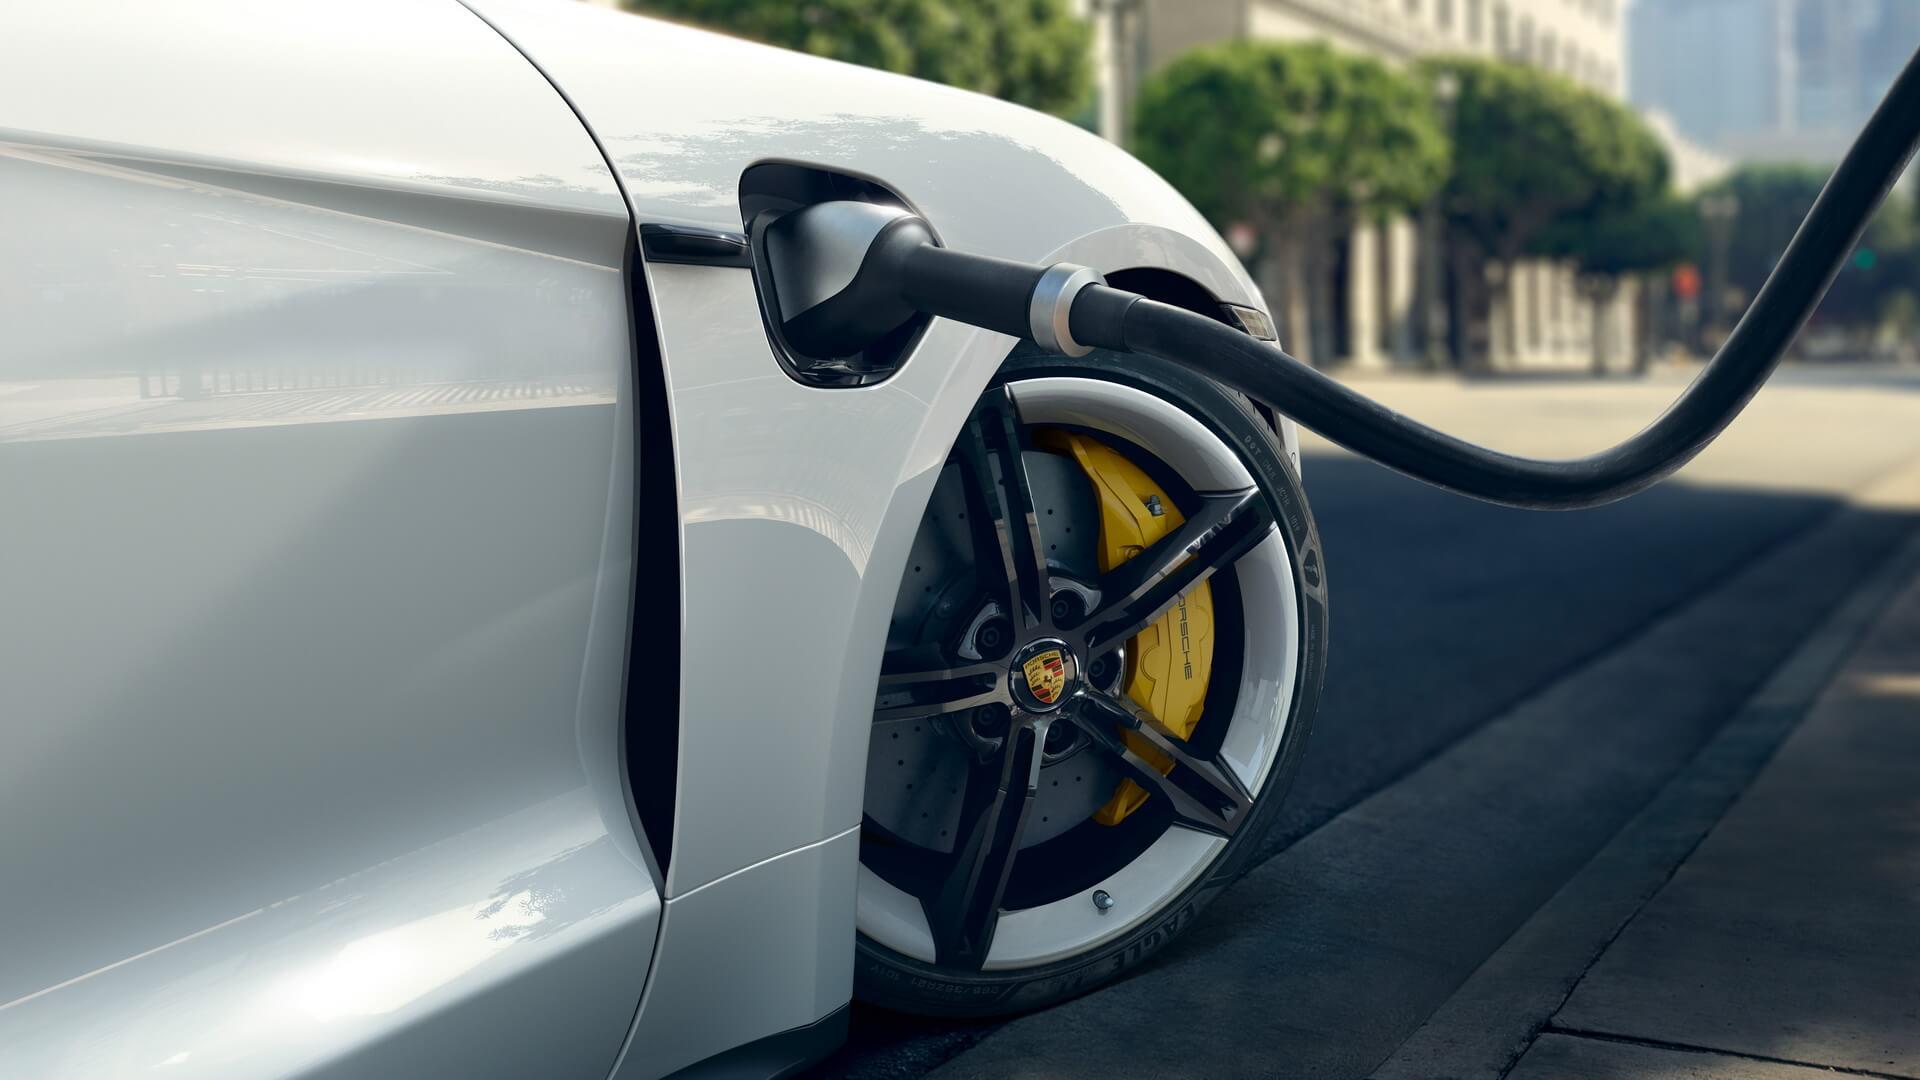 Porsche Taycan 2020 года получит новые интеллектуальные функции зарядки